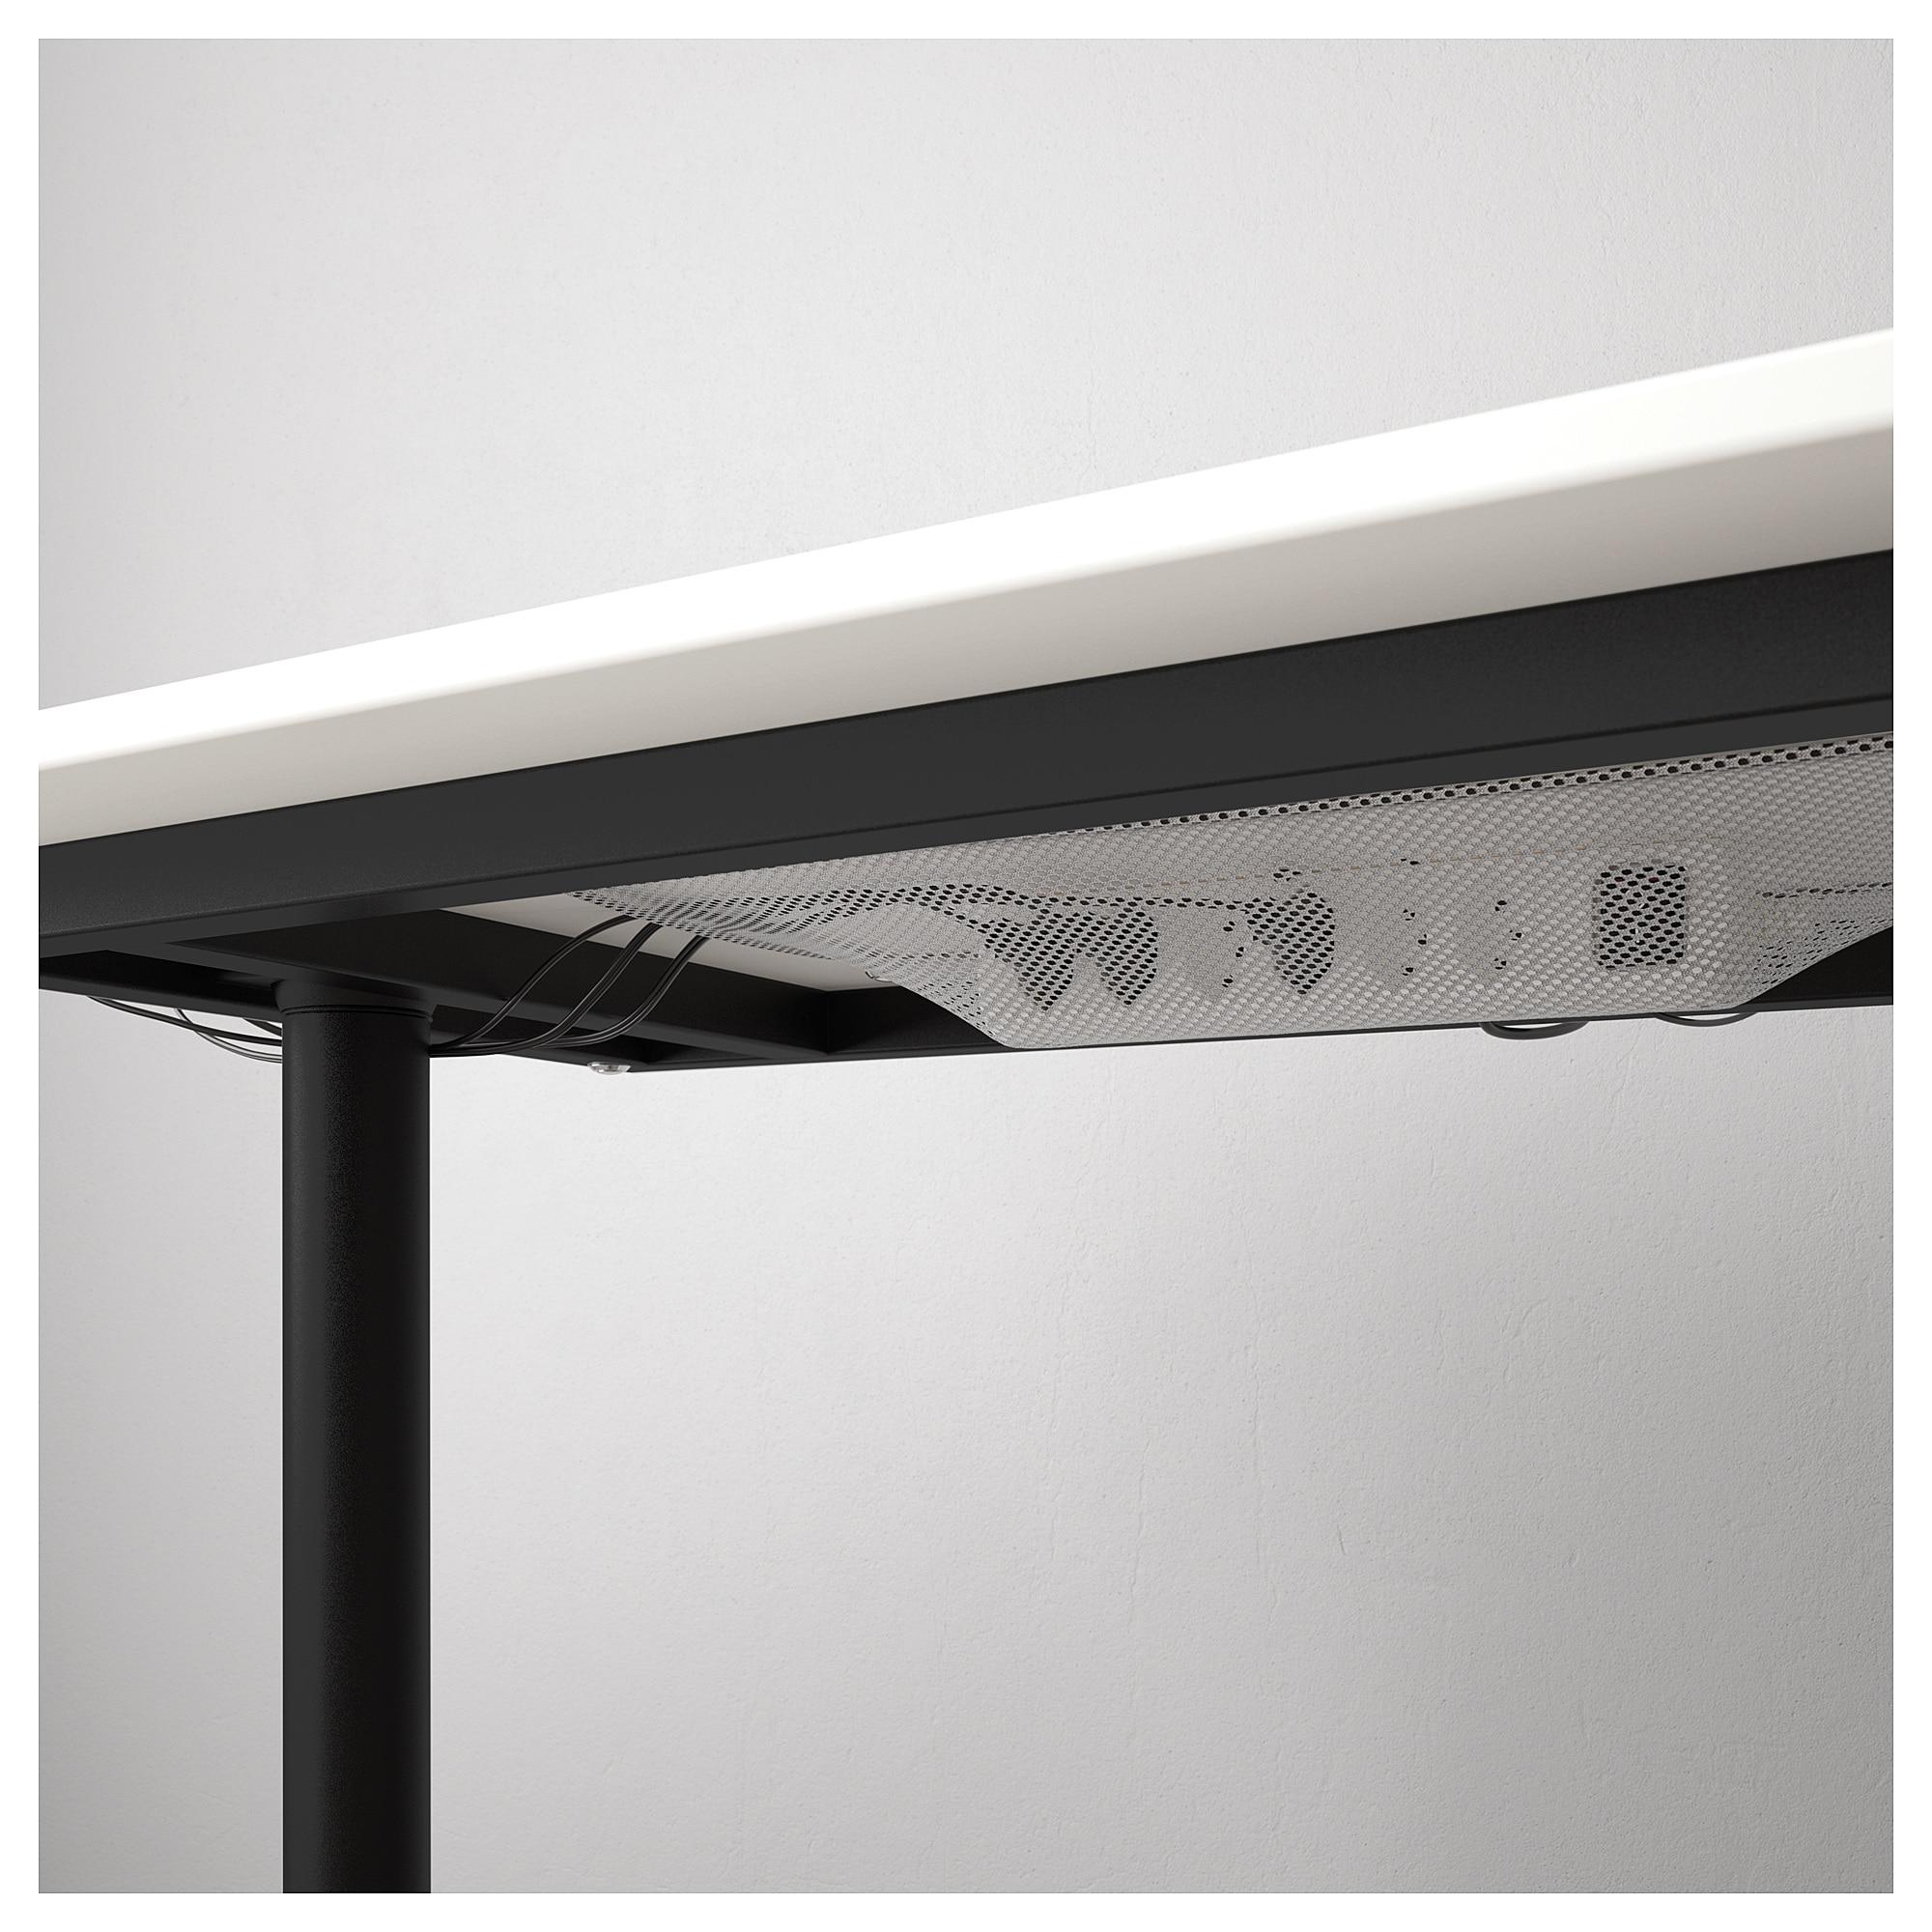 Bekant Ecktisch Rechts Weiss Schwarz Ecktisch Ikea Ecktisch Und Tisch